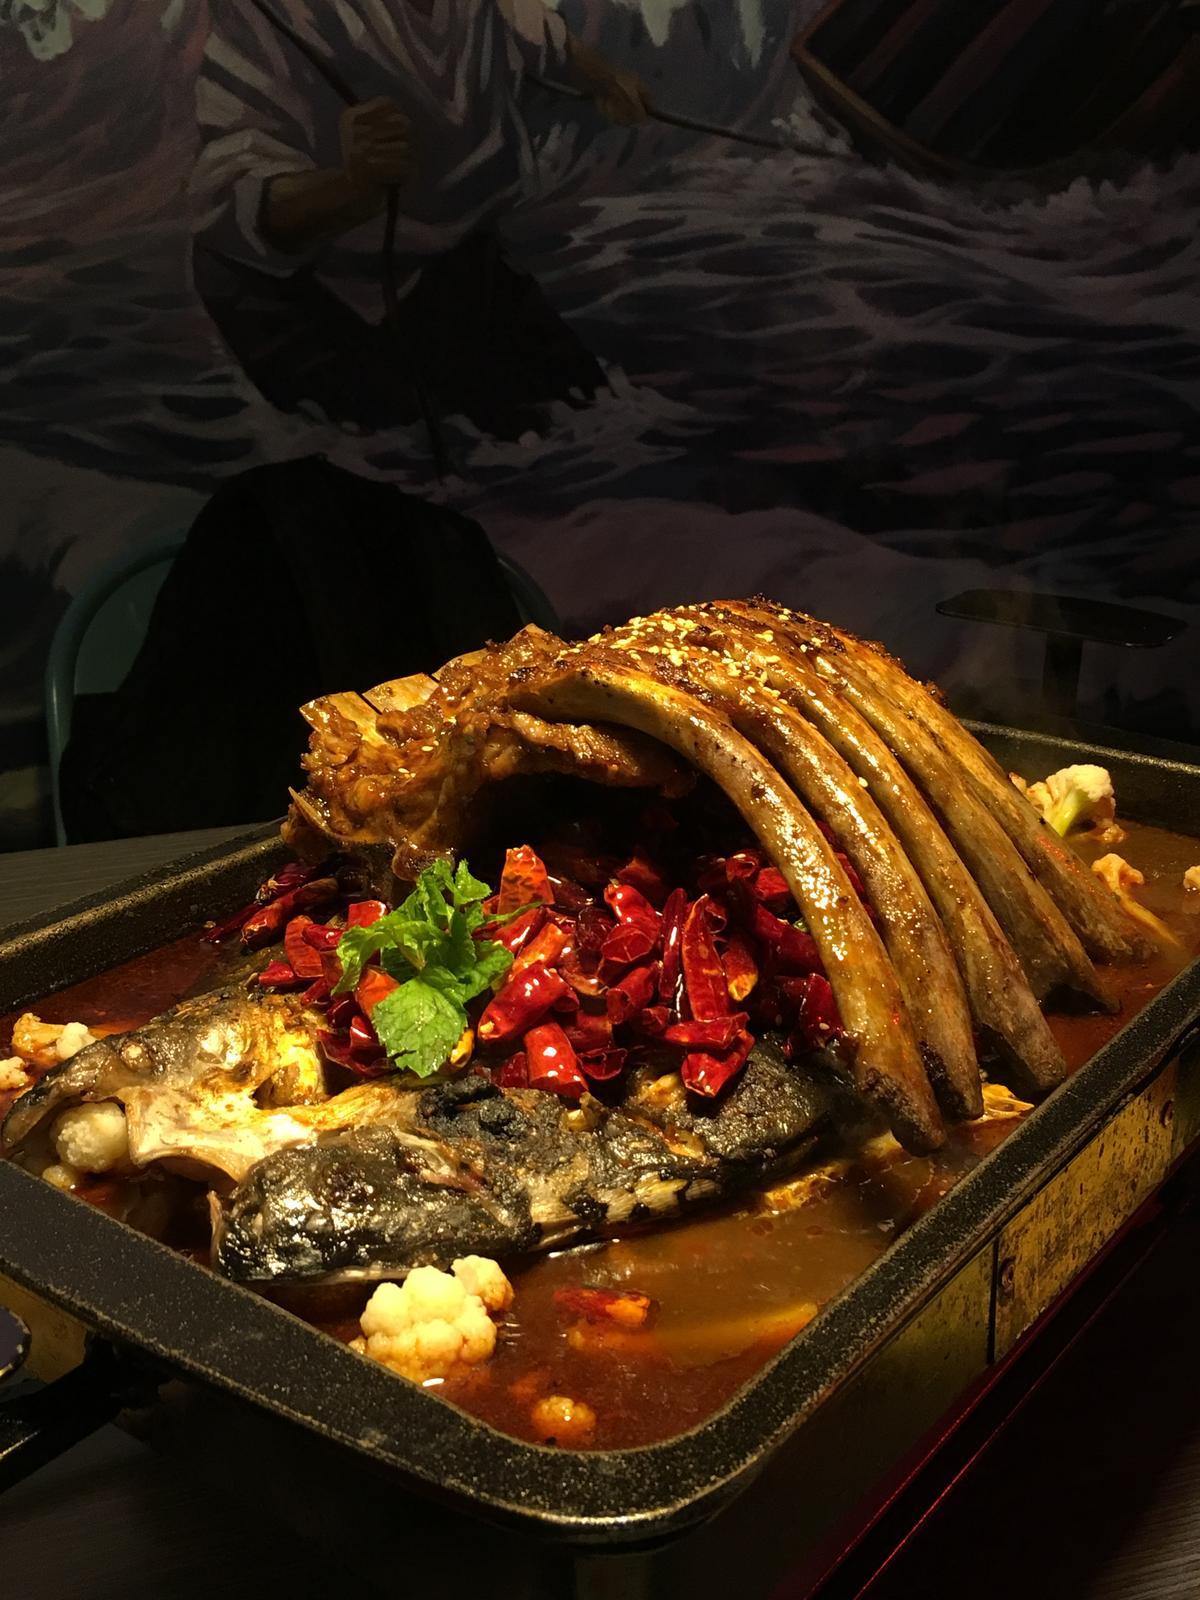 「熊掌烤魚」跟上今年鍋物都要做得超浮誇的「食尚」風格。(776元/雙人份)